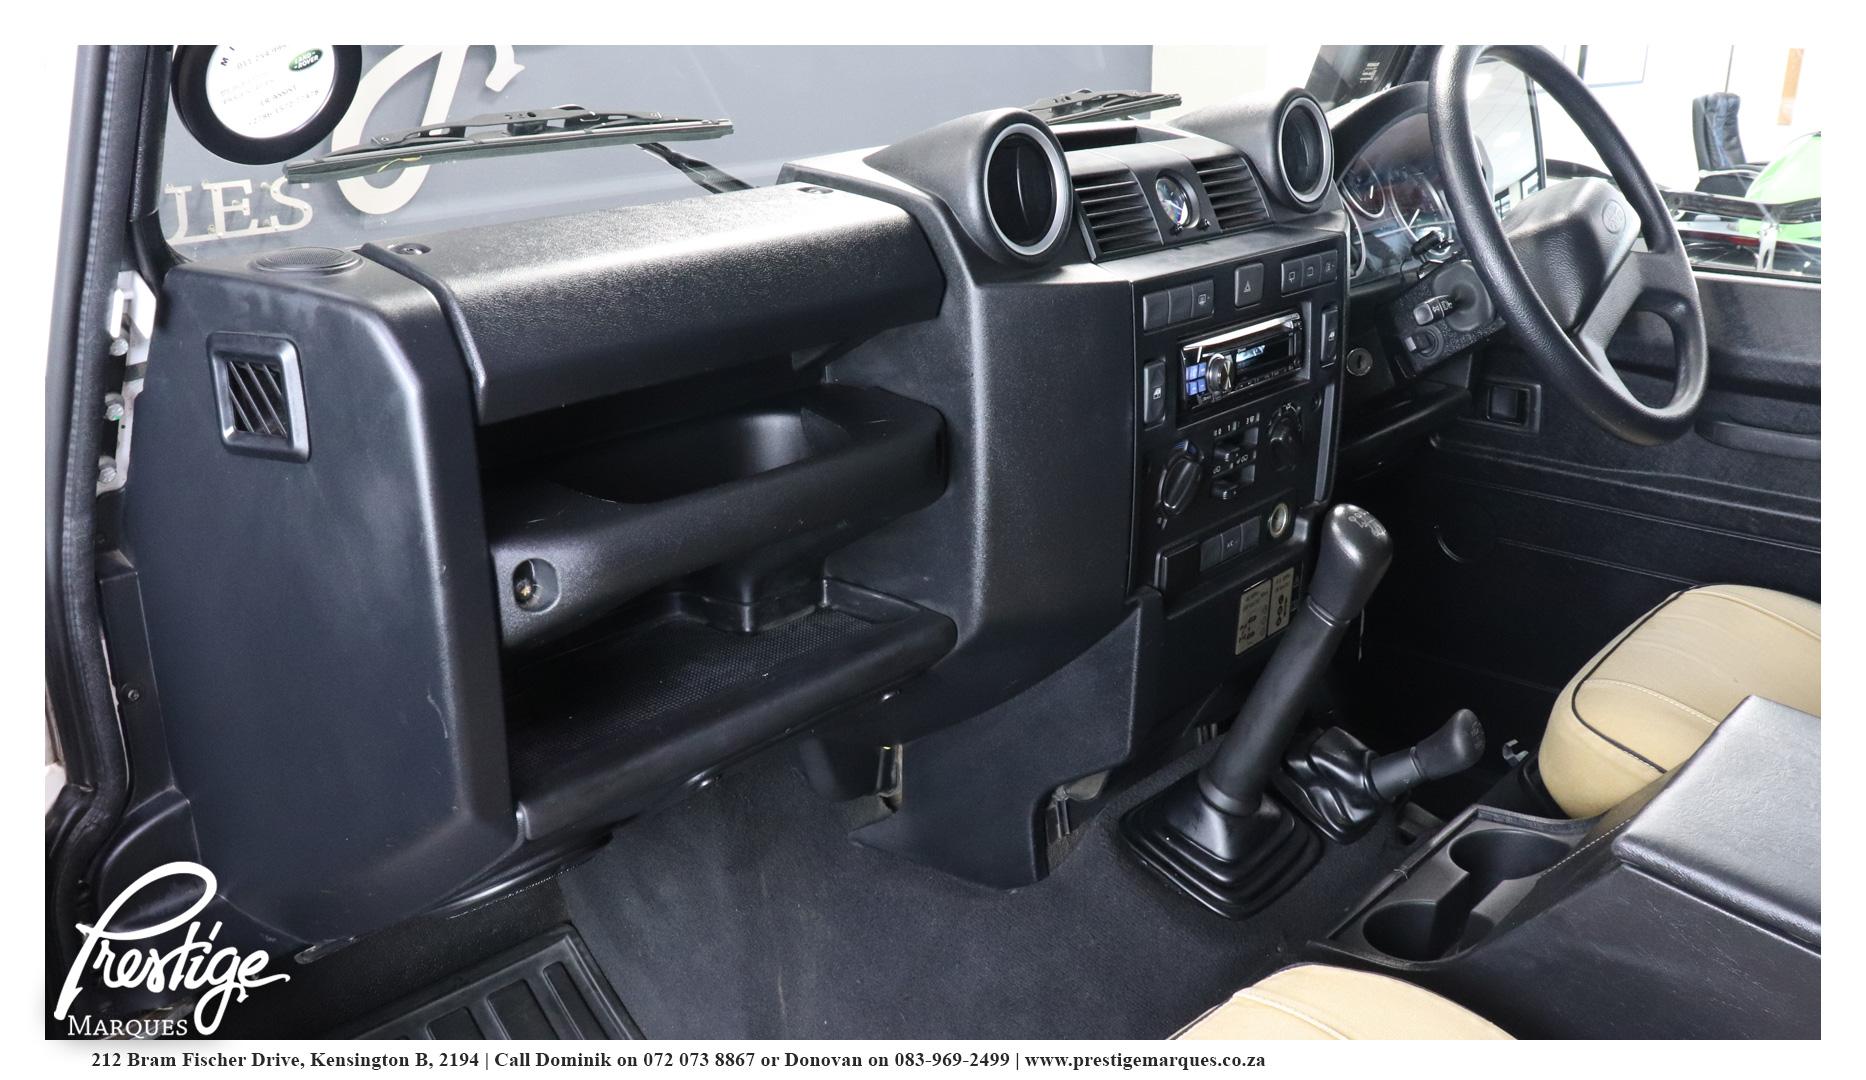 Land-Rover-Defender-110-2.5D-Prestige-Marques-11